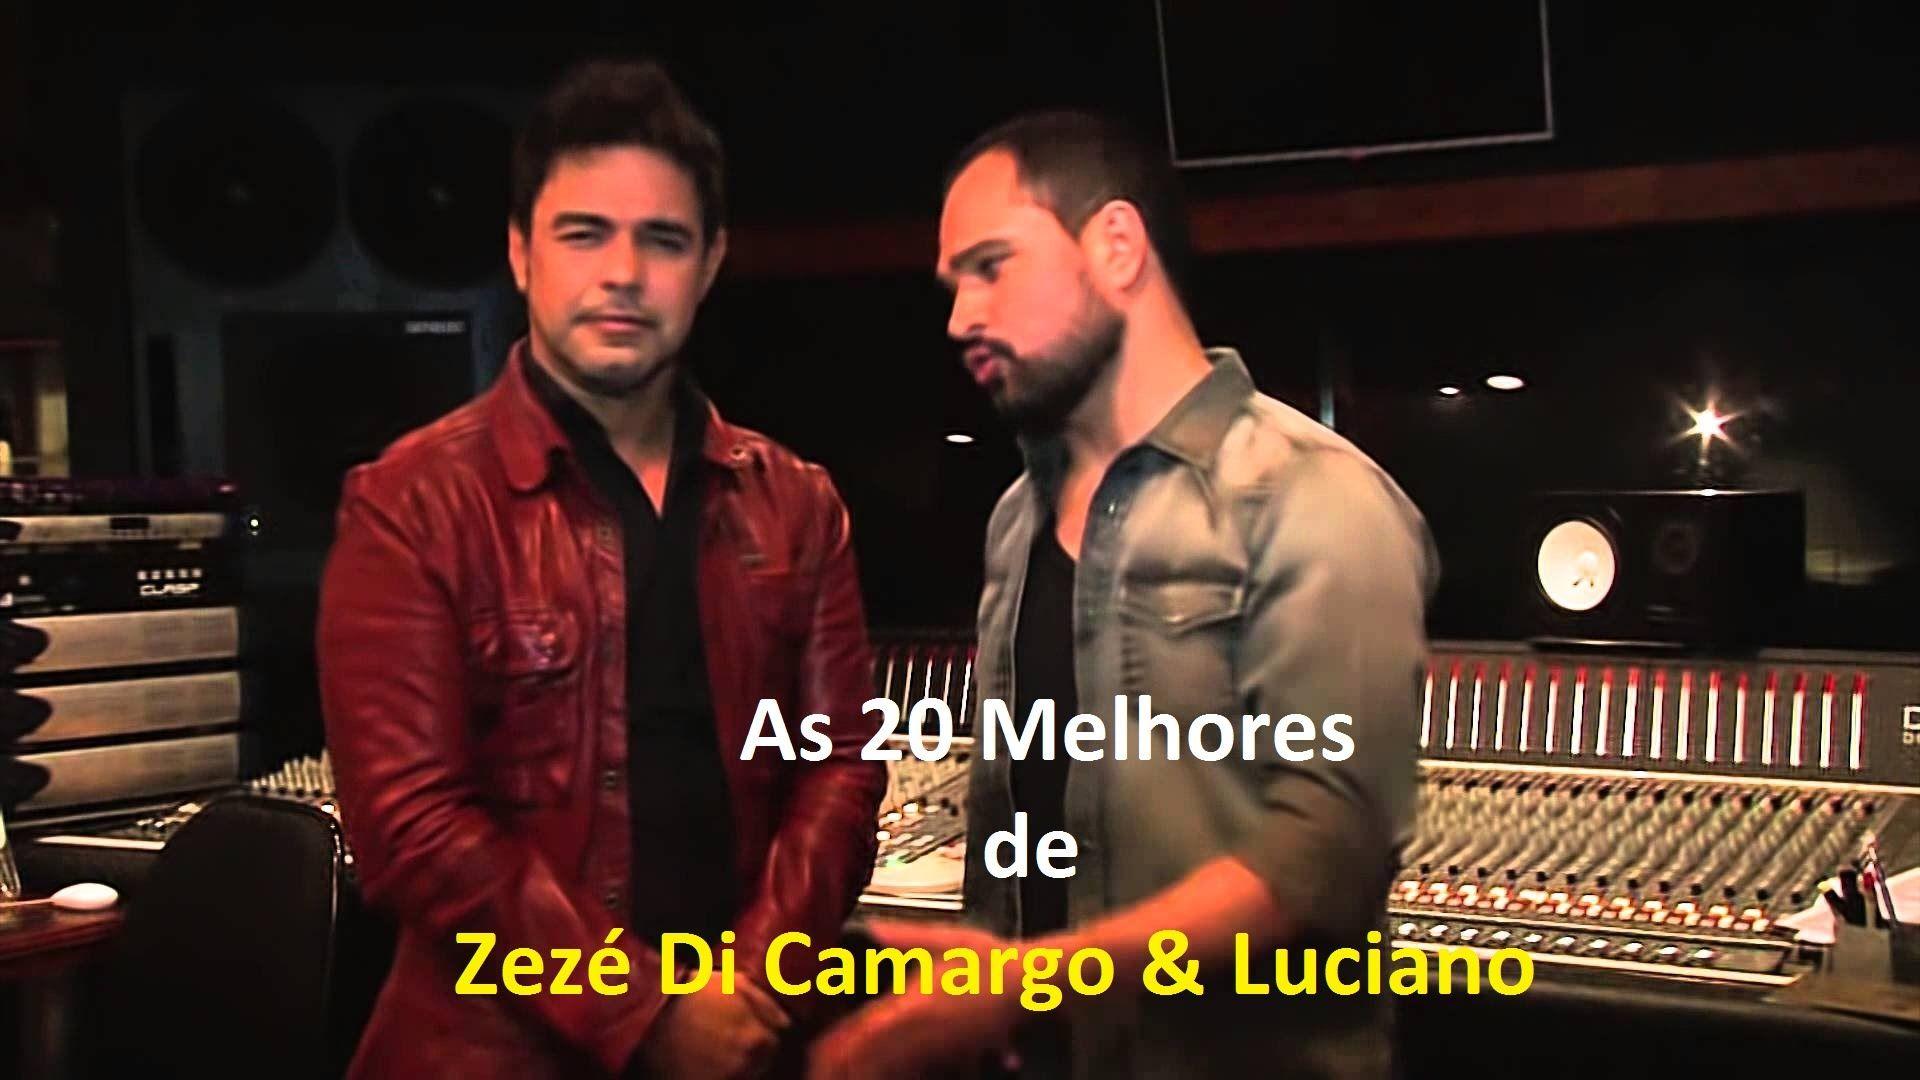 DI LUCIANO NOVO 2013 CAMARGO BAIXAR DE E DVD ZEZE